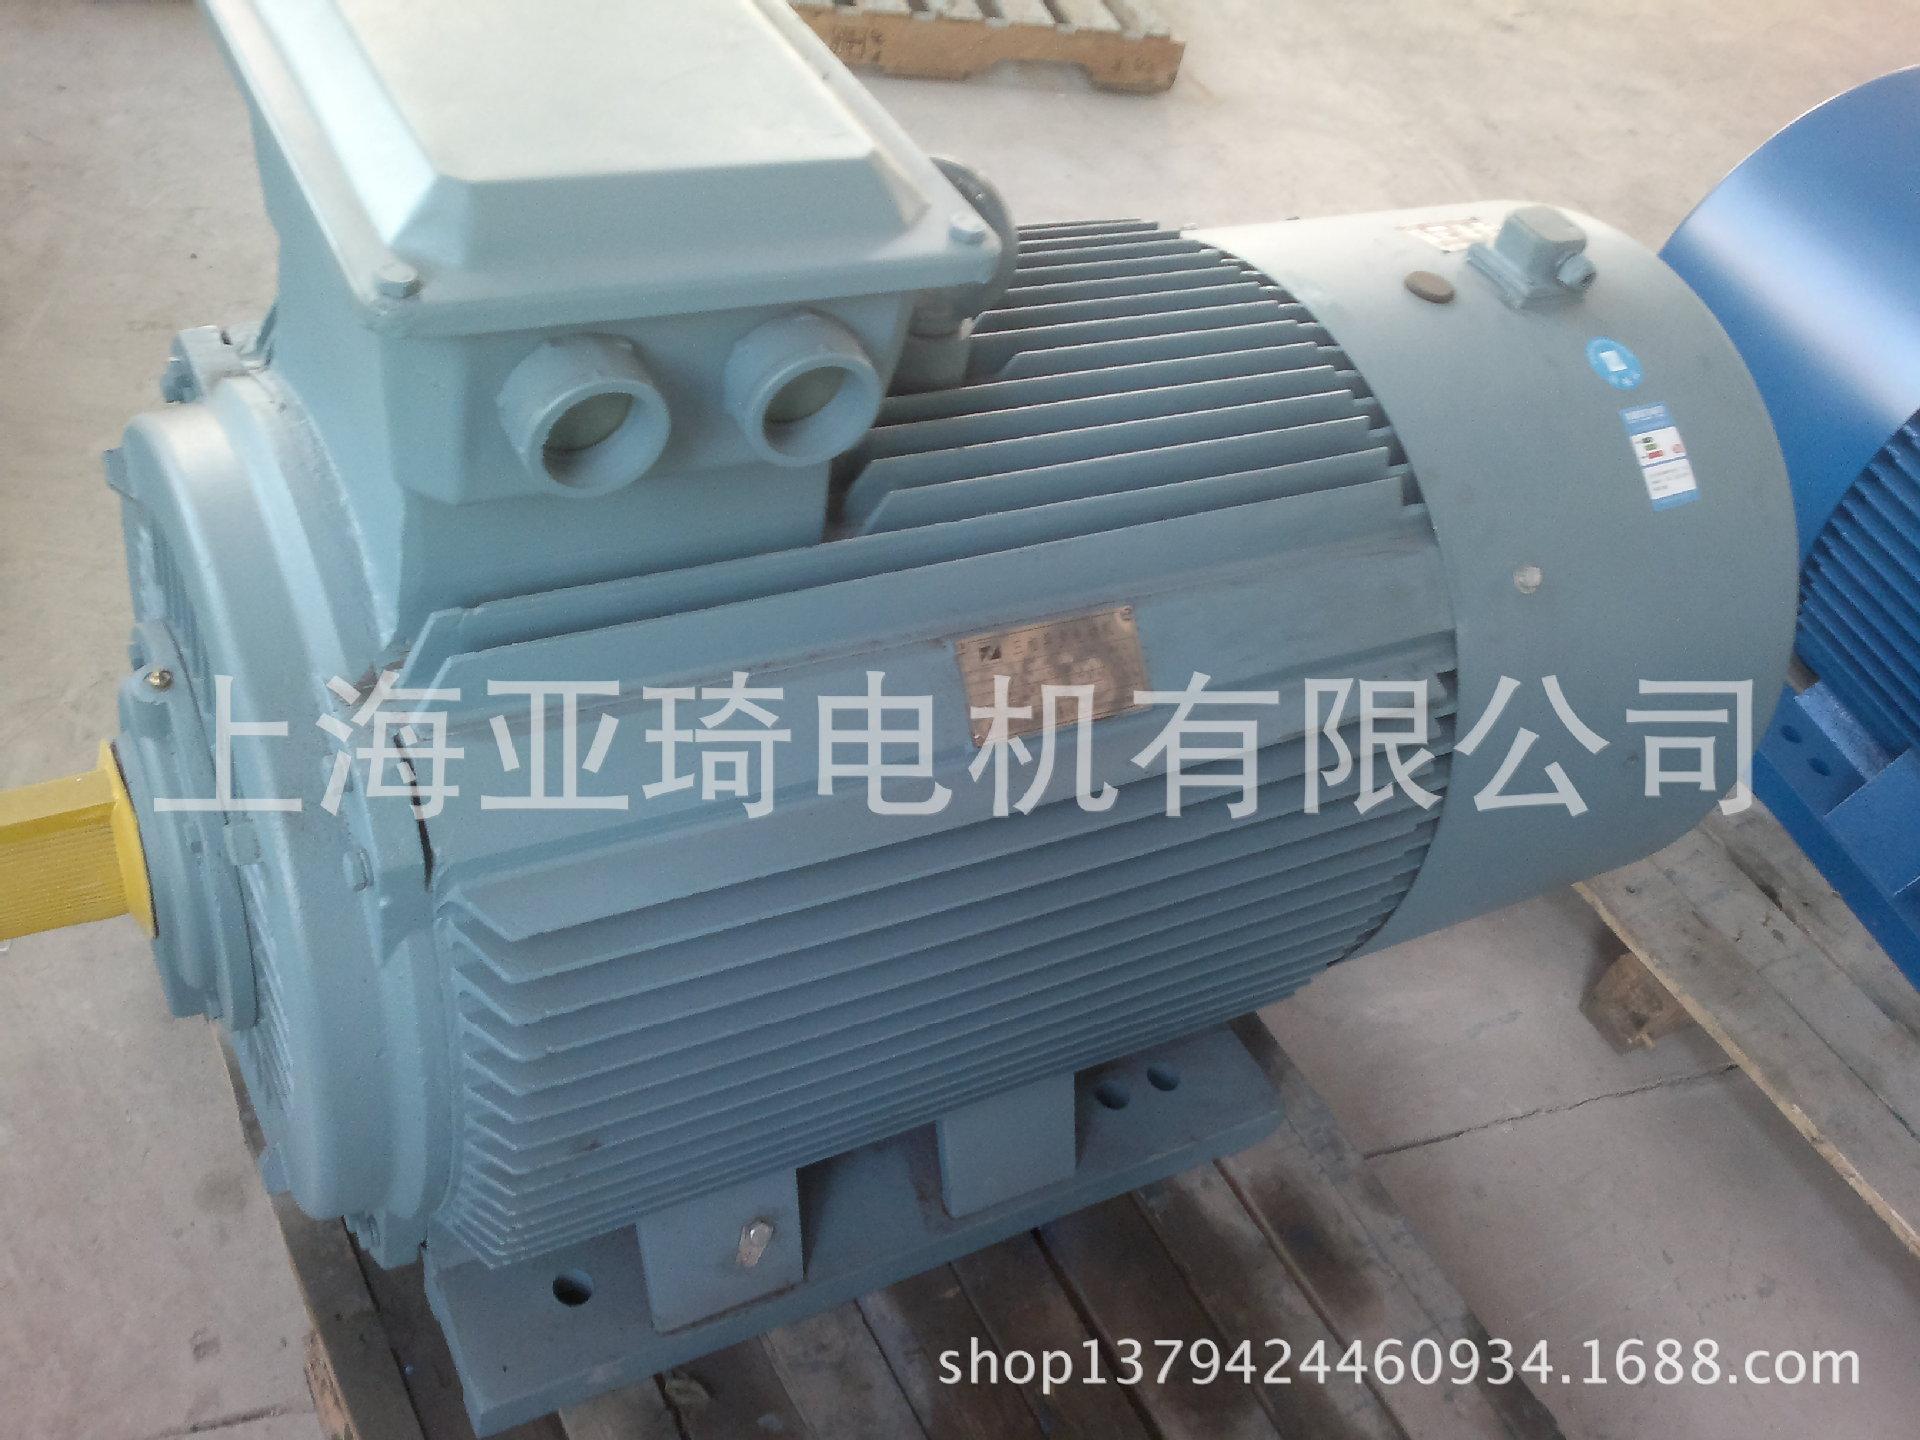 变频电动机|YVP系列变频电机|国产优质变频调速电动机|上海